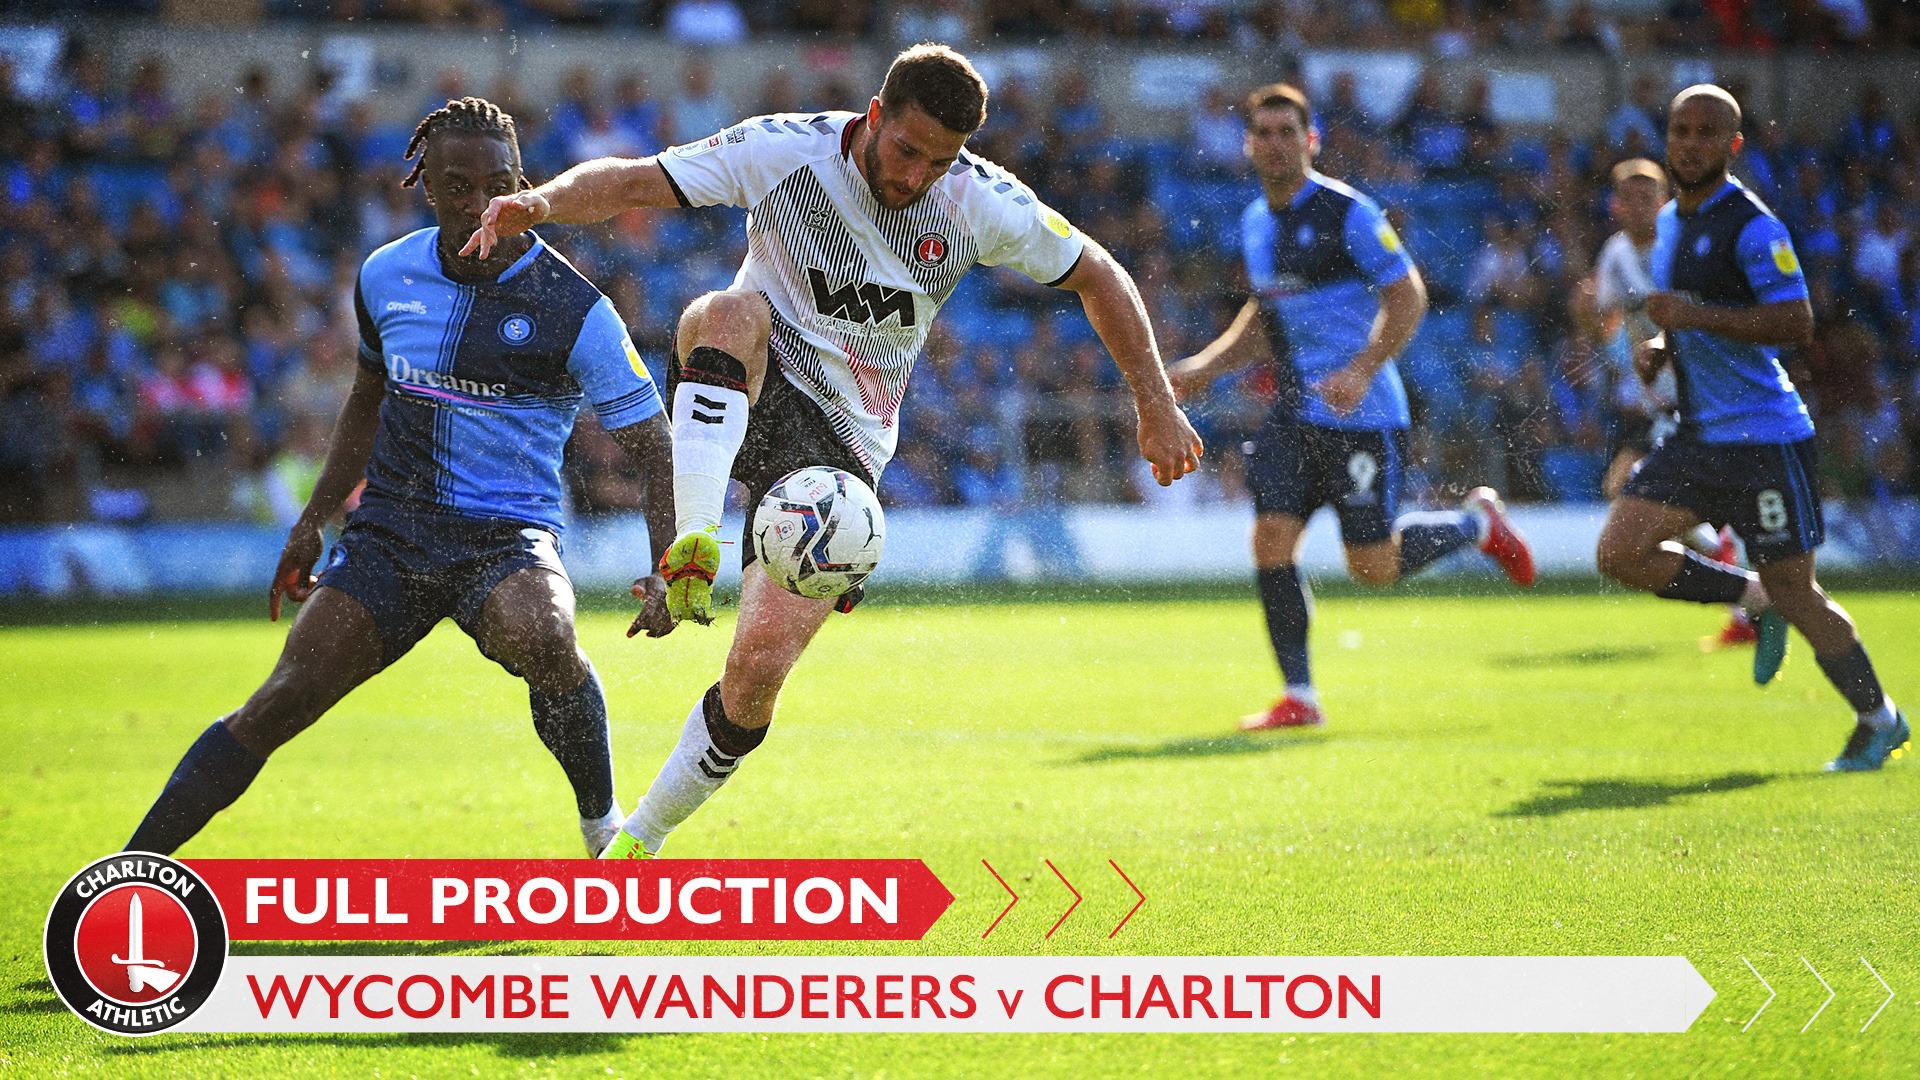 CharltonTV | Full broadcast - Wycombe Wanderers (September 2021)